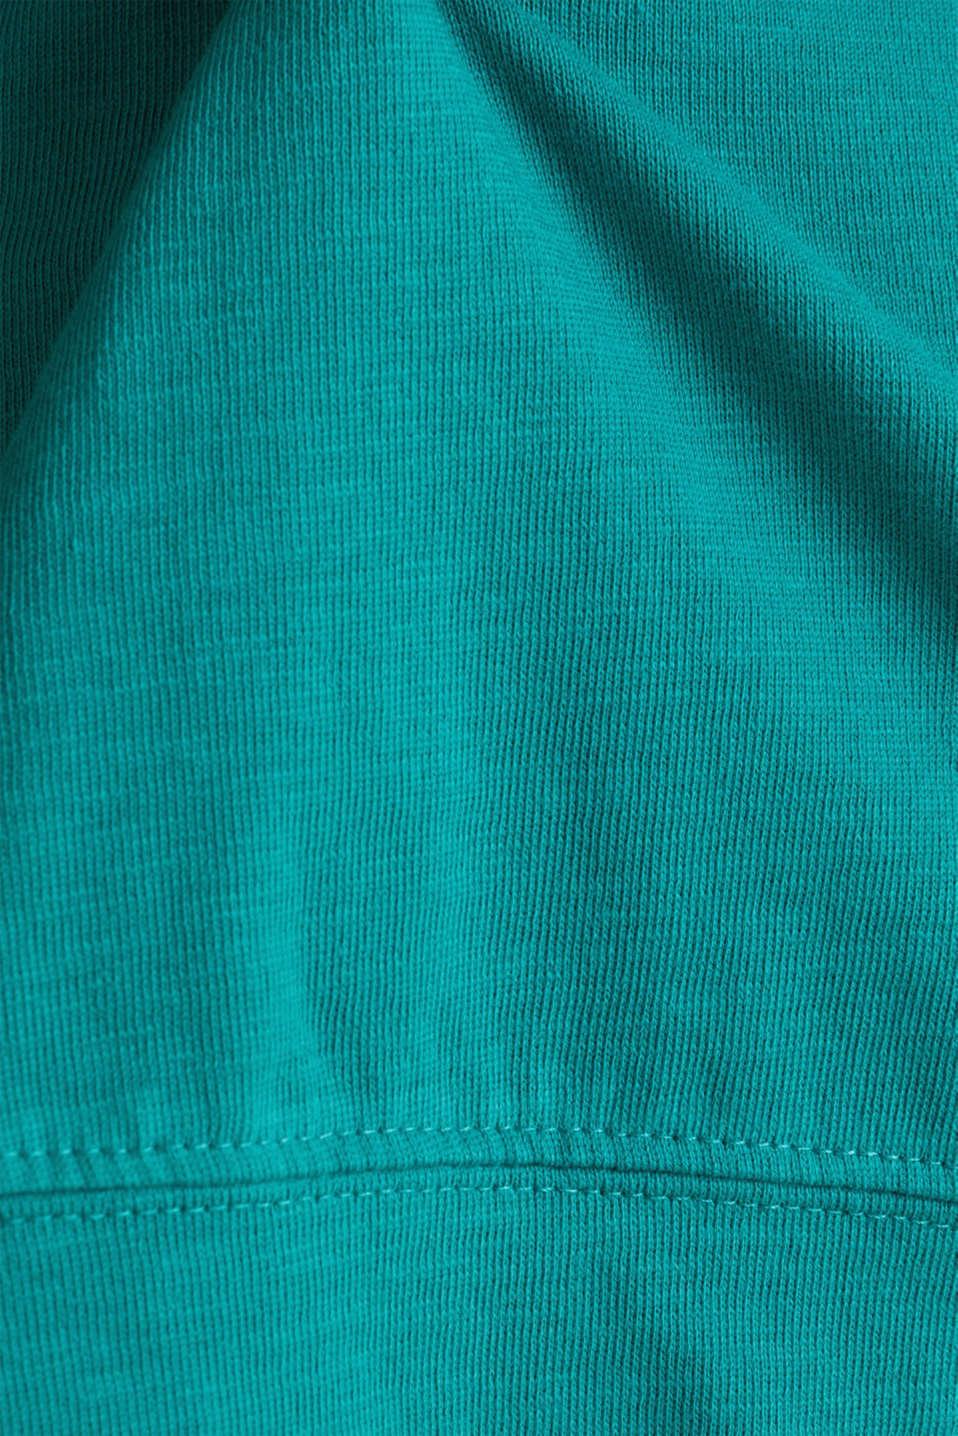 Slub sweatshirt made of 100% organic cotton, TEAL GREEN, detail image number 3